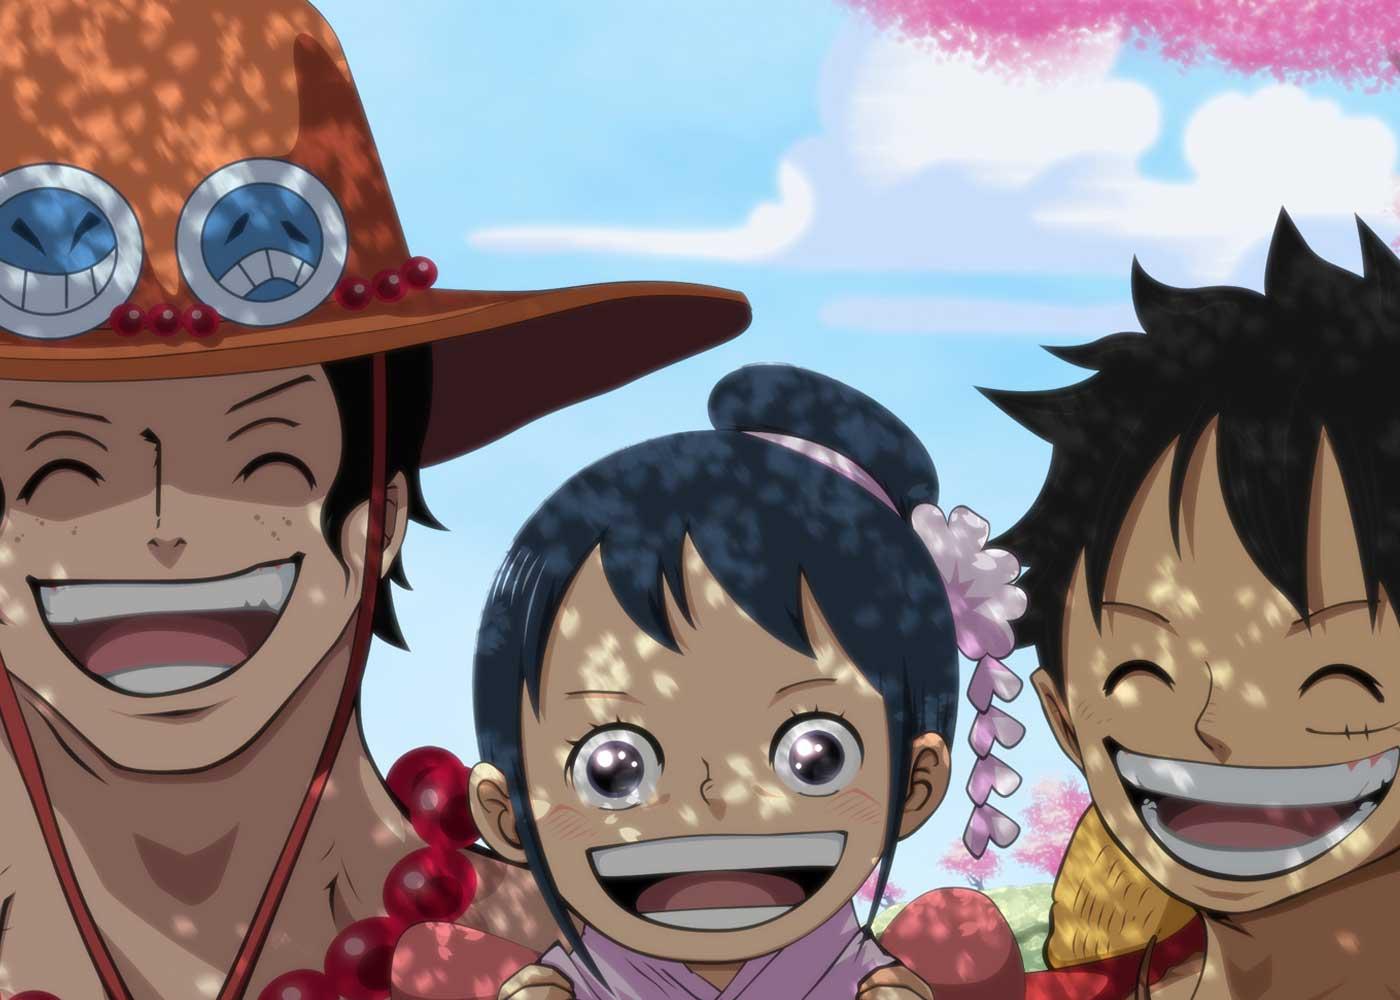 Prediksi One Piece 953 Tama Akan Menjadi Karakter Penting Greenscene